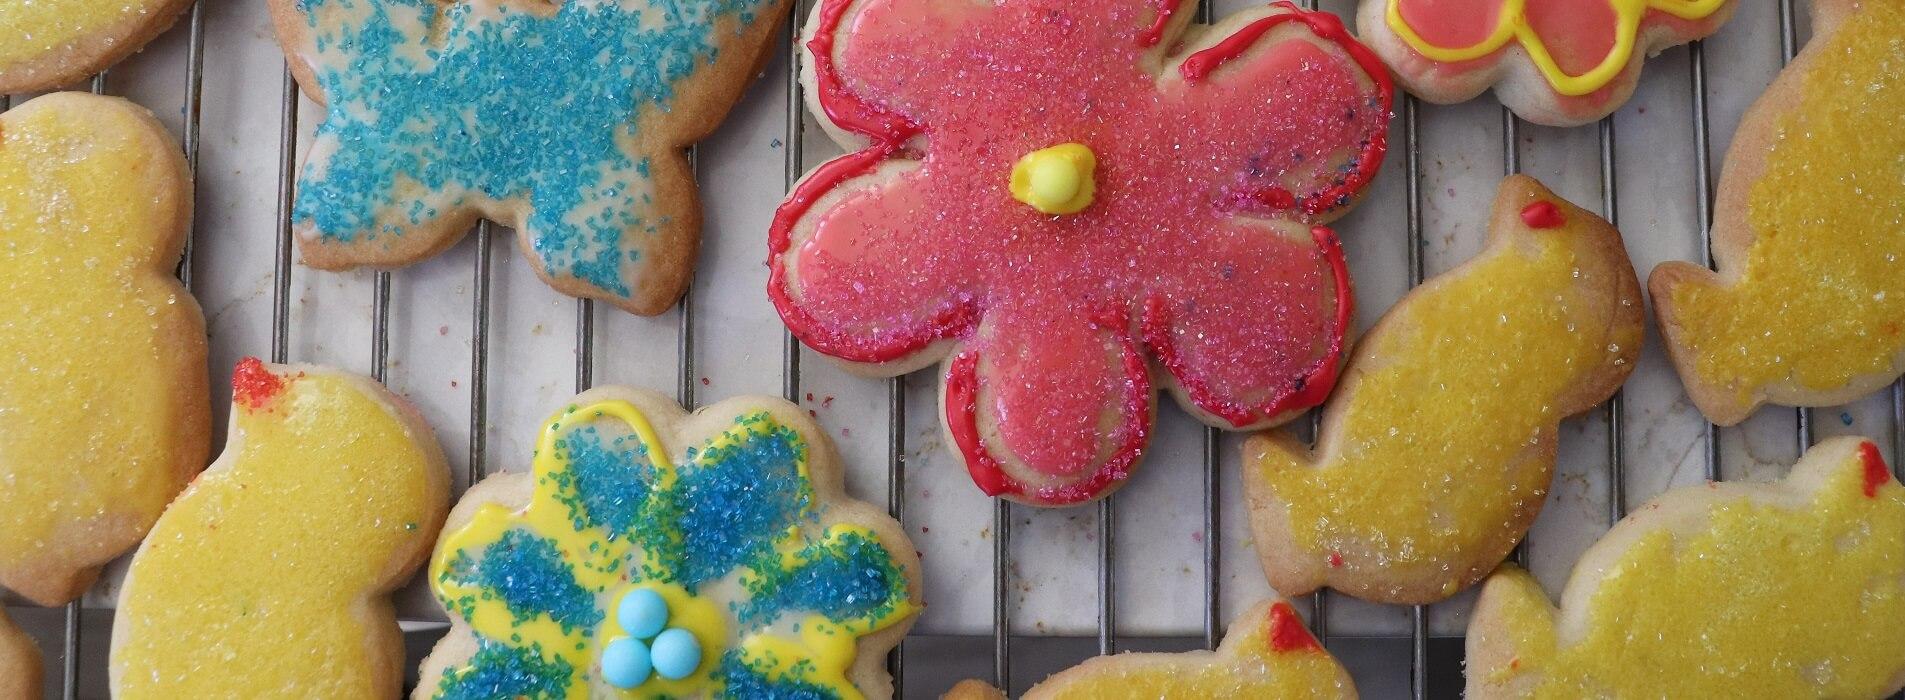 2021 04 11 Easter cookies slide 4